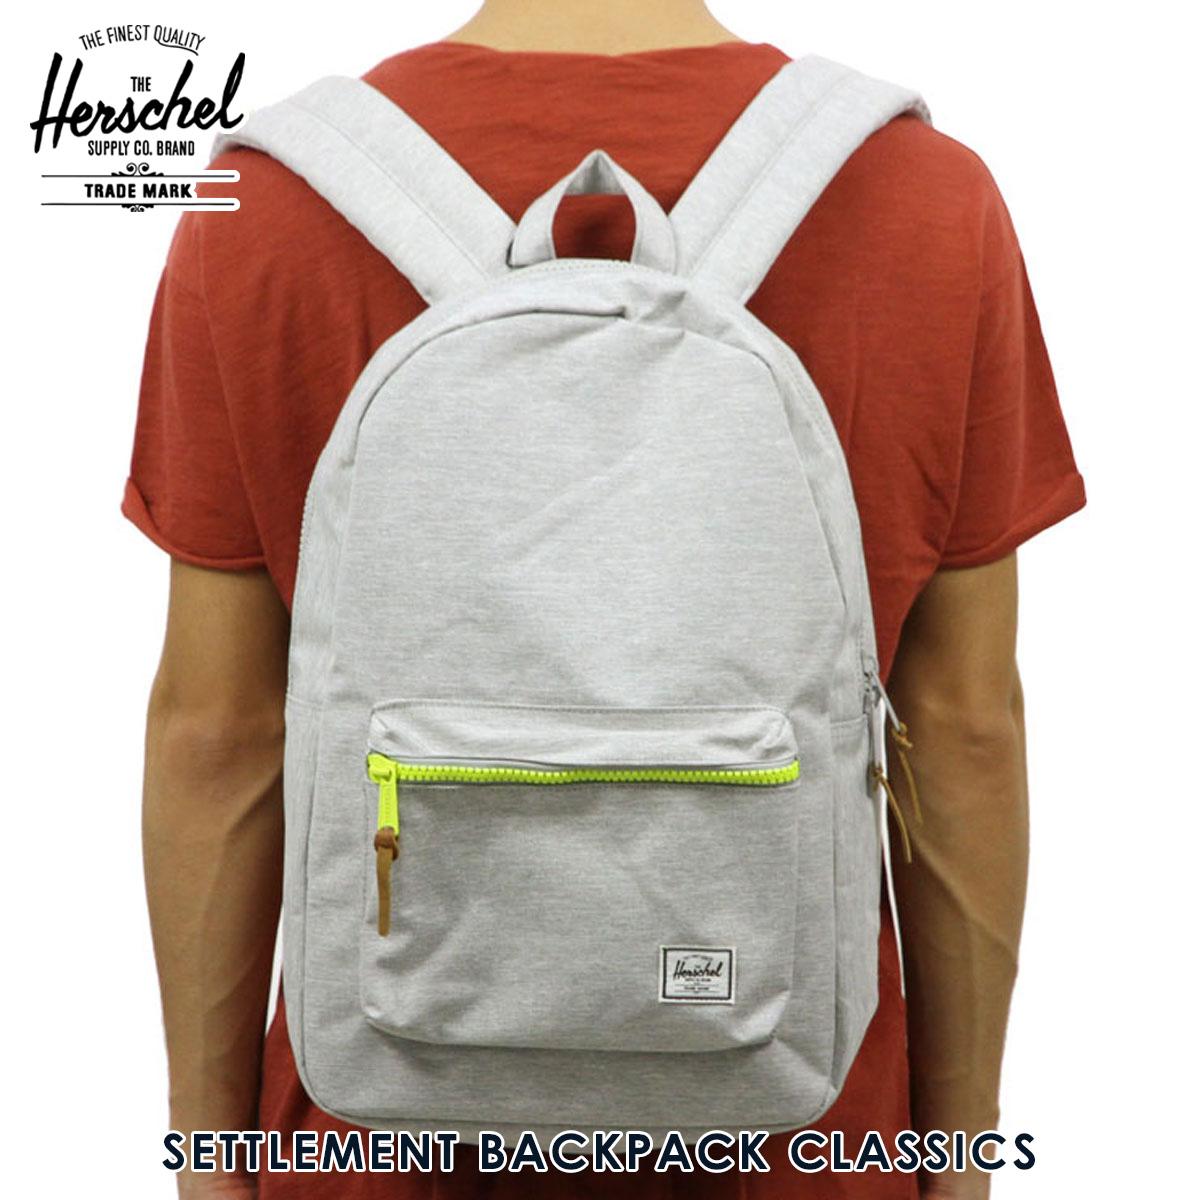 Rakuten Ichiba shop MIXON  Hershel Herschel Supply regular store bag  SETTLEMENT BACKPACK CLASSICS 10005-01460-OS LIGHT GREY CROSSHATCH  565d0bf2865f6